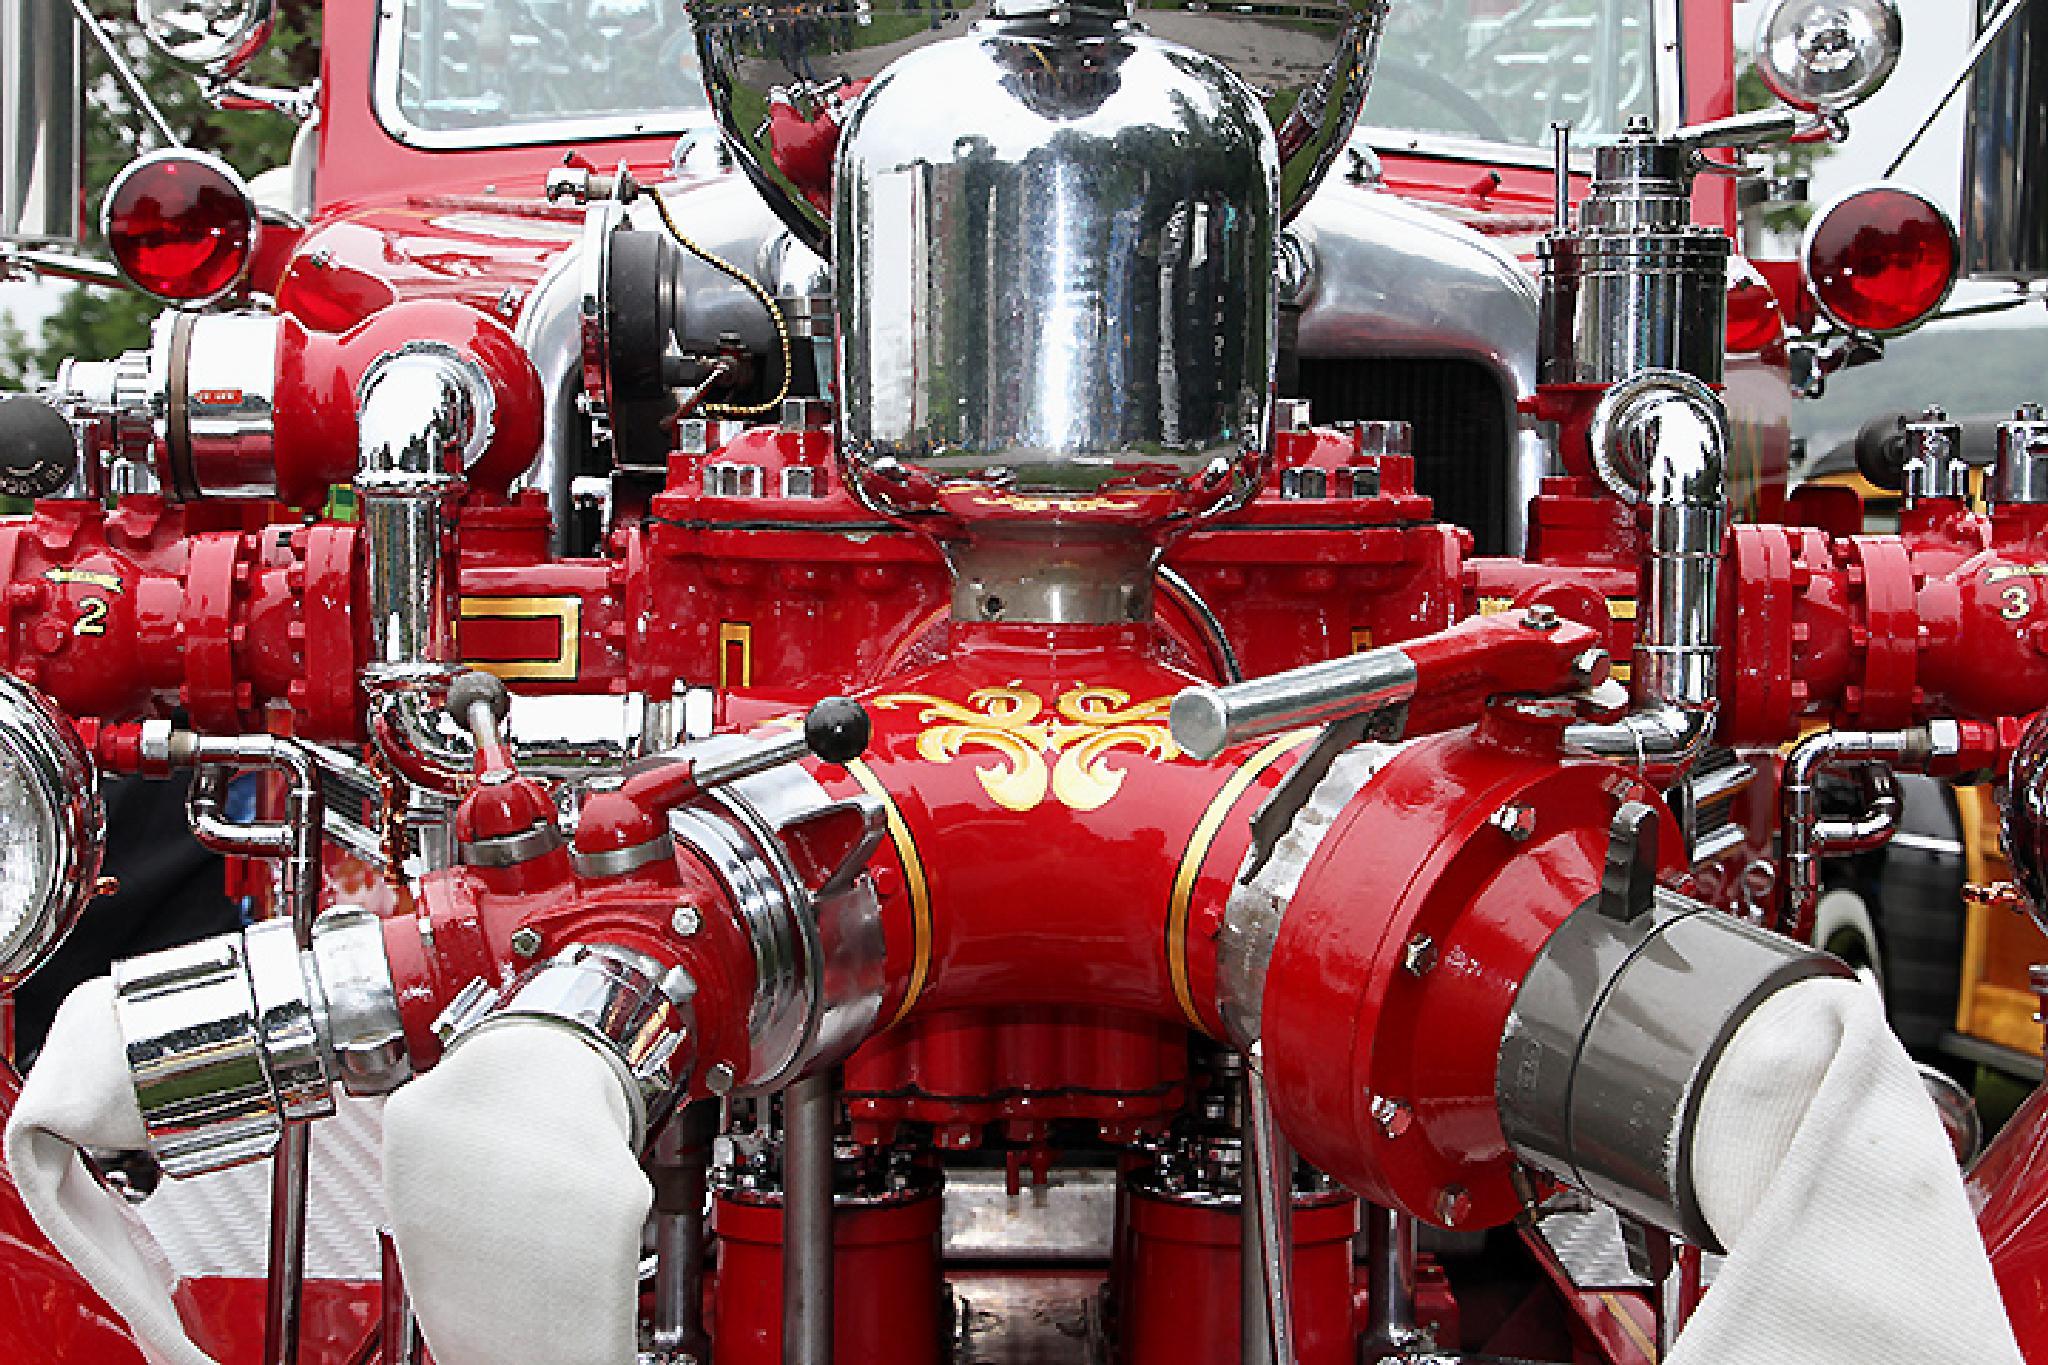 Antique Fire Truck by Bob Slitzan